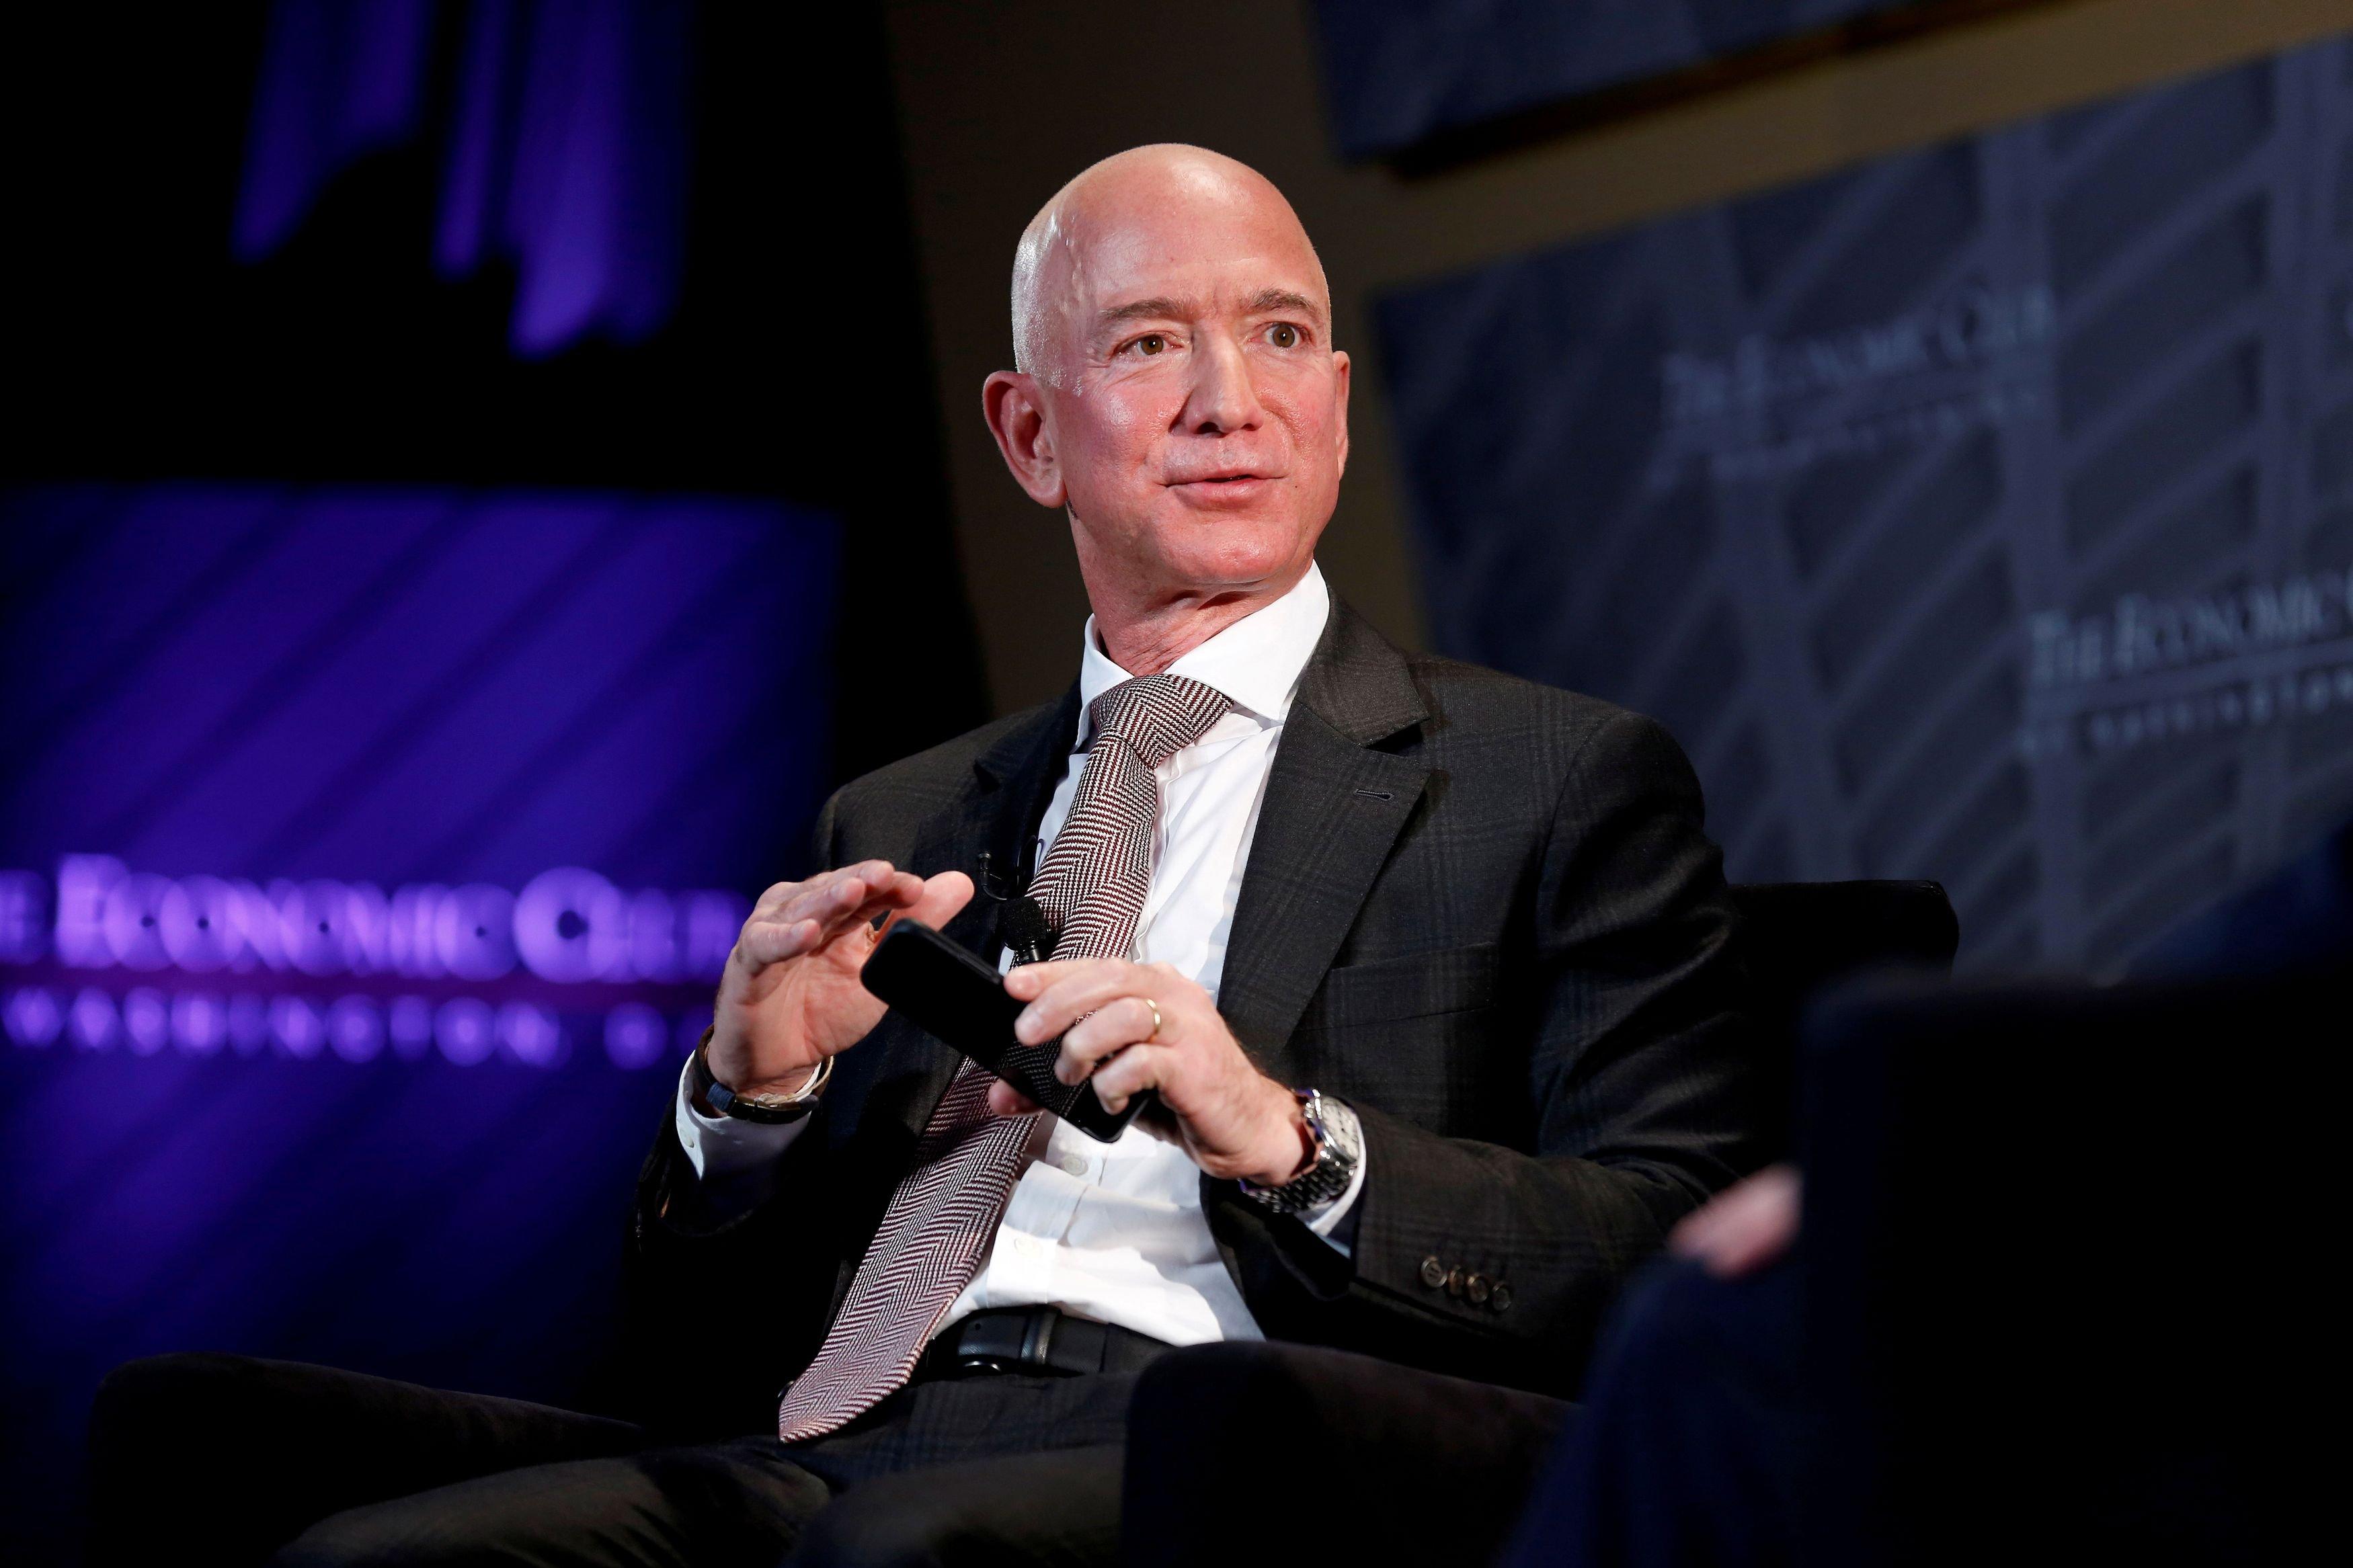 Arabia Saudí hackea el móvil de Jeff Bezos, fundador de Amazon